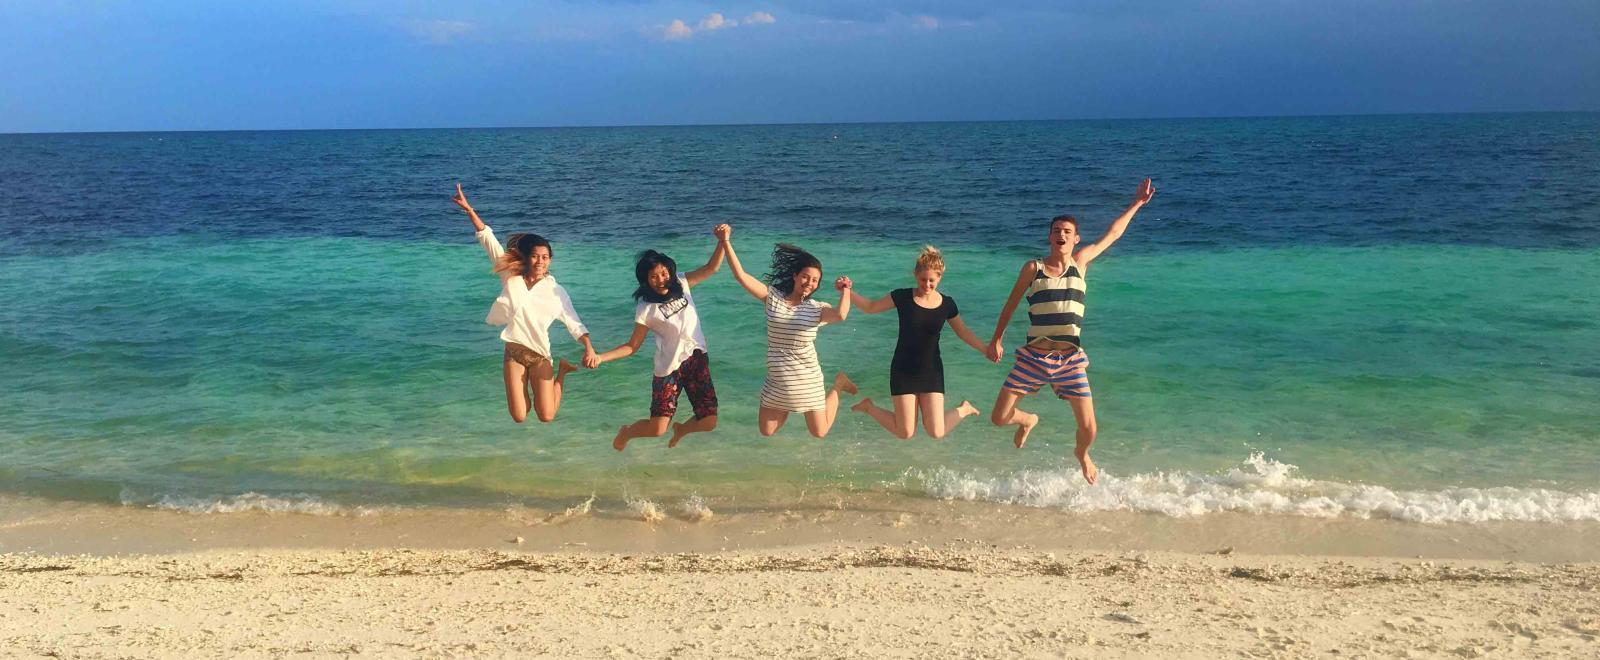 Voluntarios divirtiéndose en una playa en Filipinas.